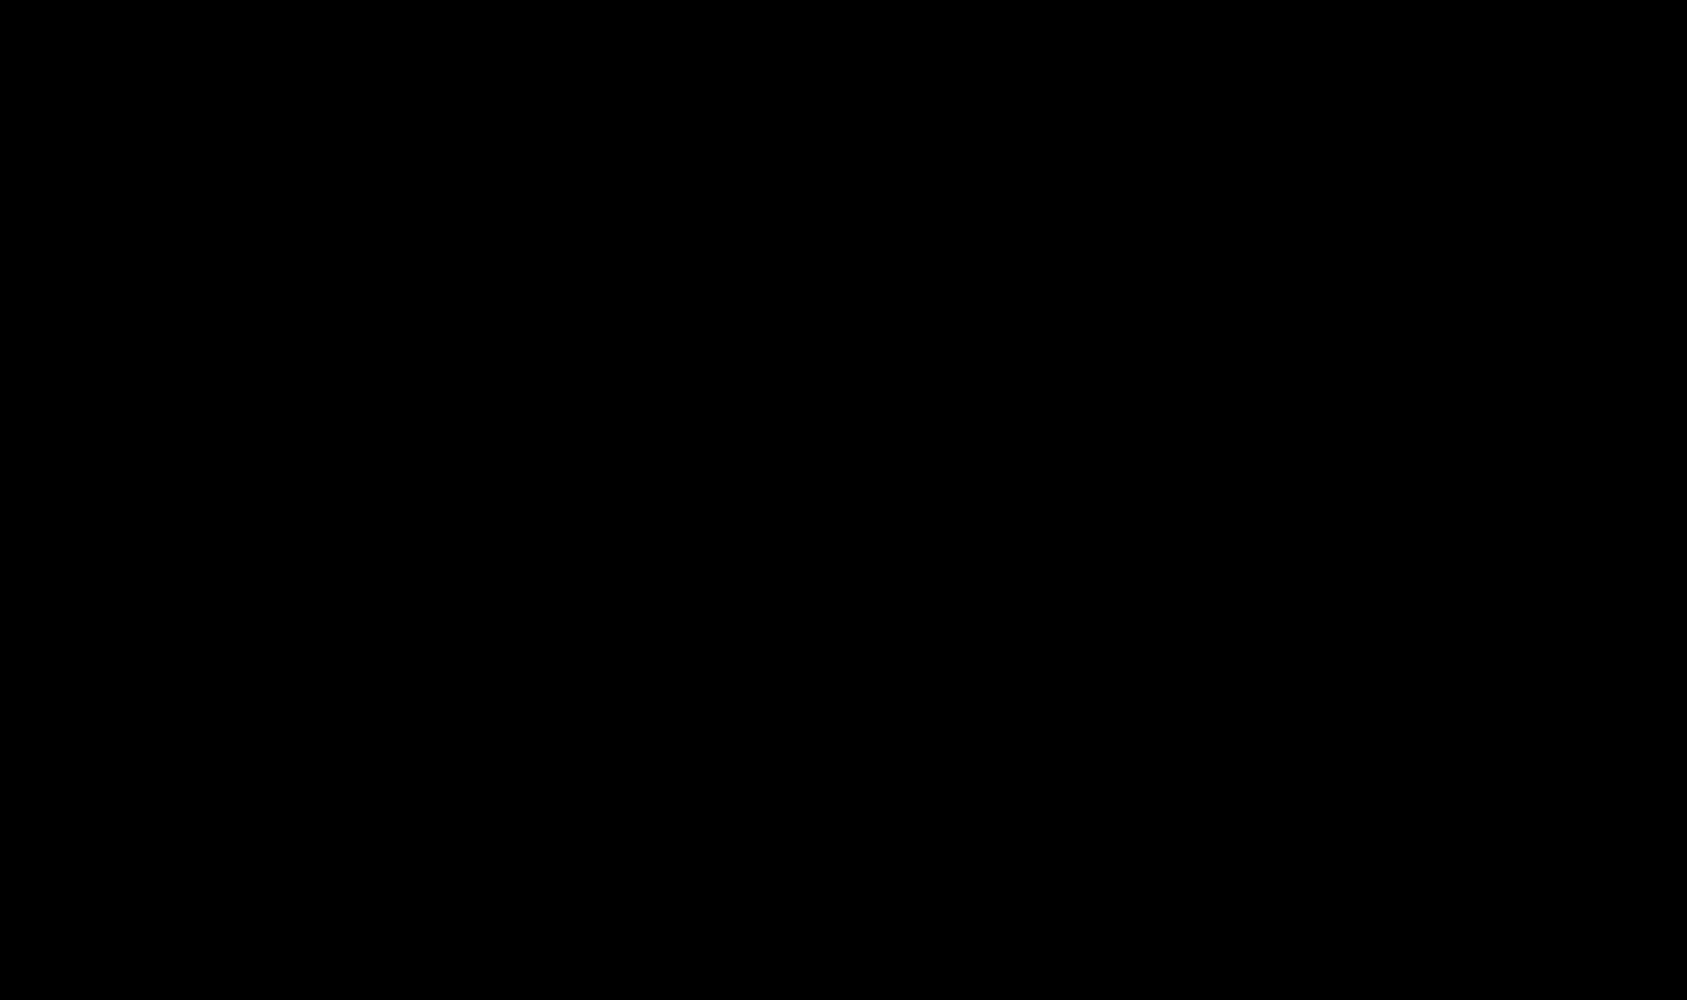 Carboxyl-dPEG®₄-(m-dPEG®₂₄)₃